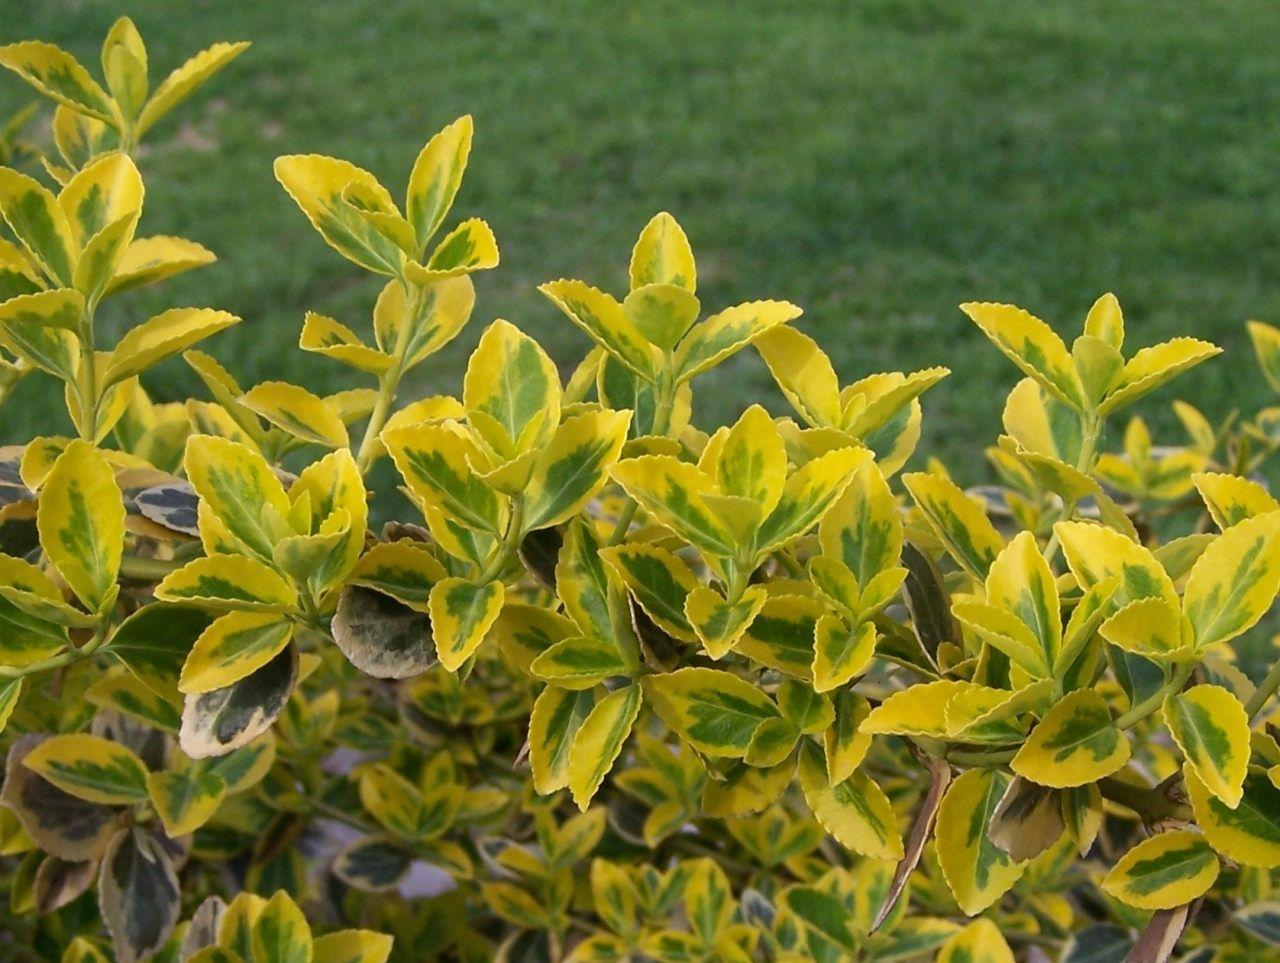 Plantas resistentes a sol: as melhores opções para o jardim